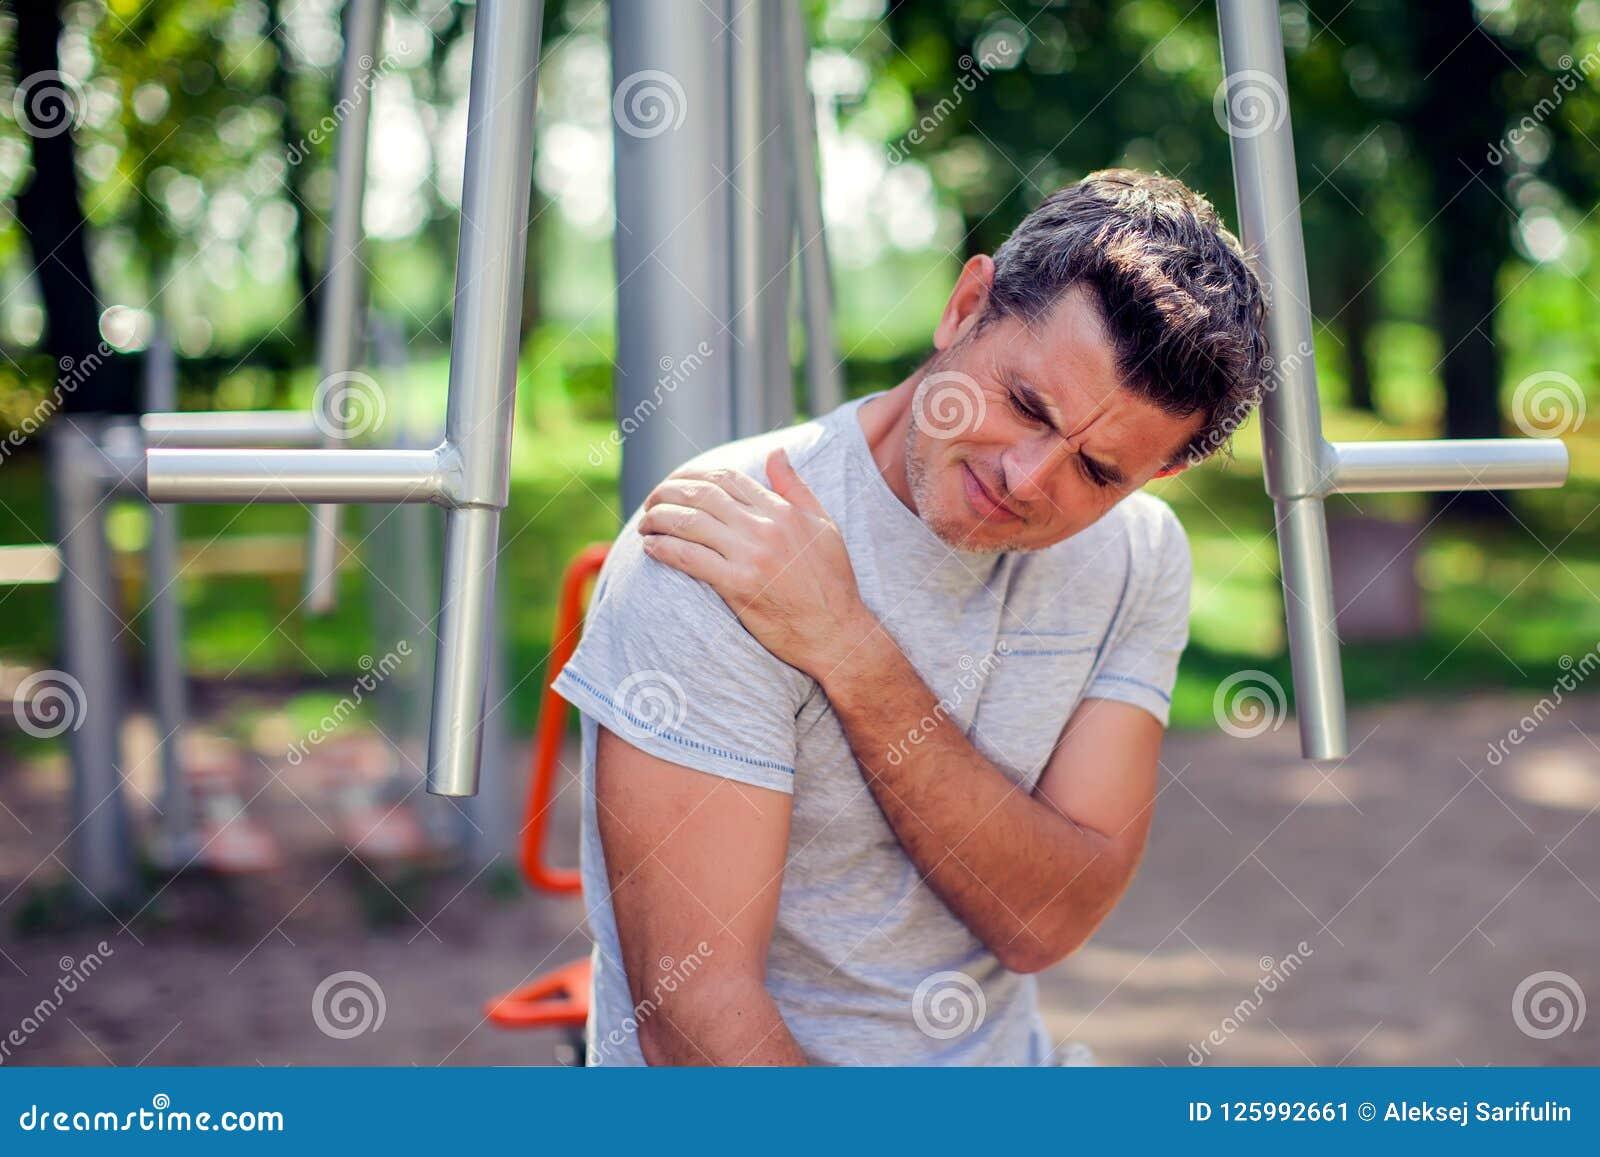 Uma dor do sentimento do homem em seu ombro durante o esporte e exercício em t